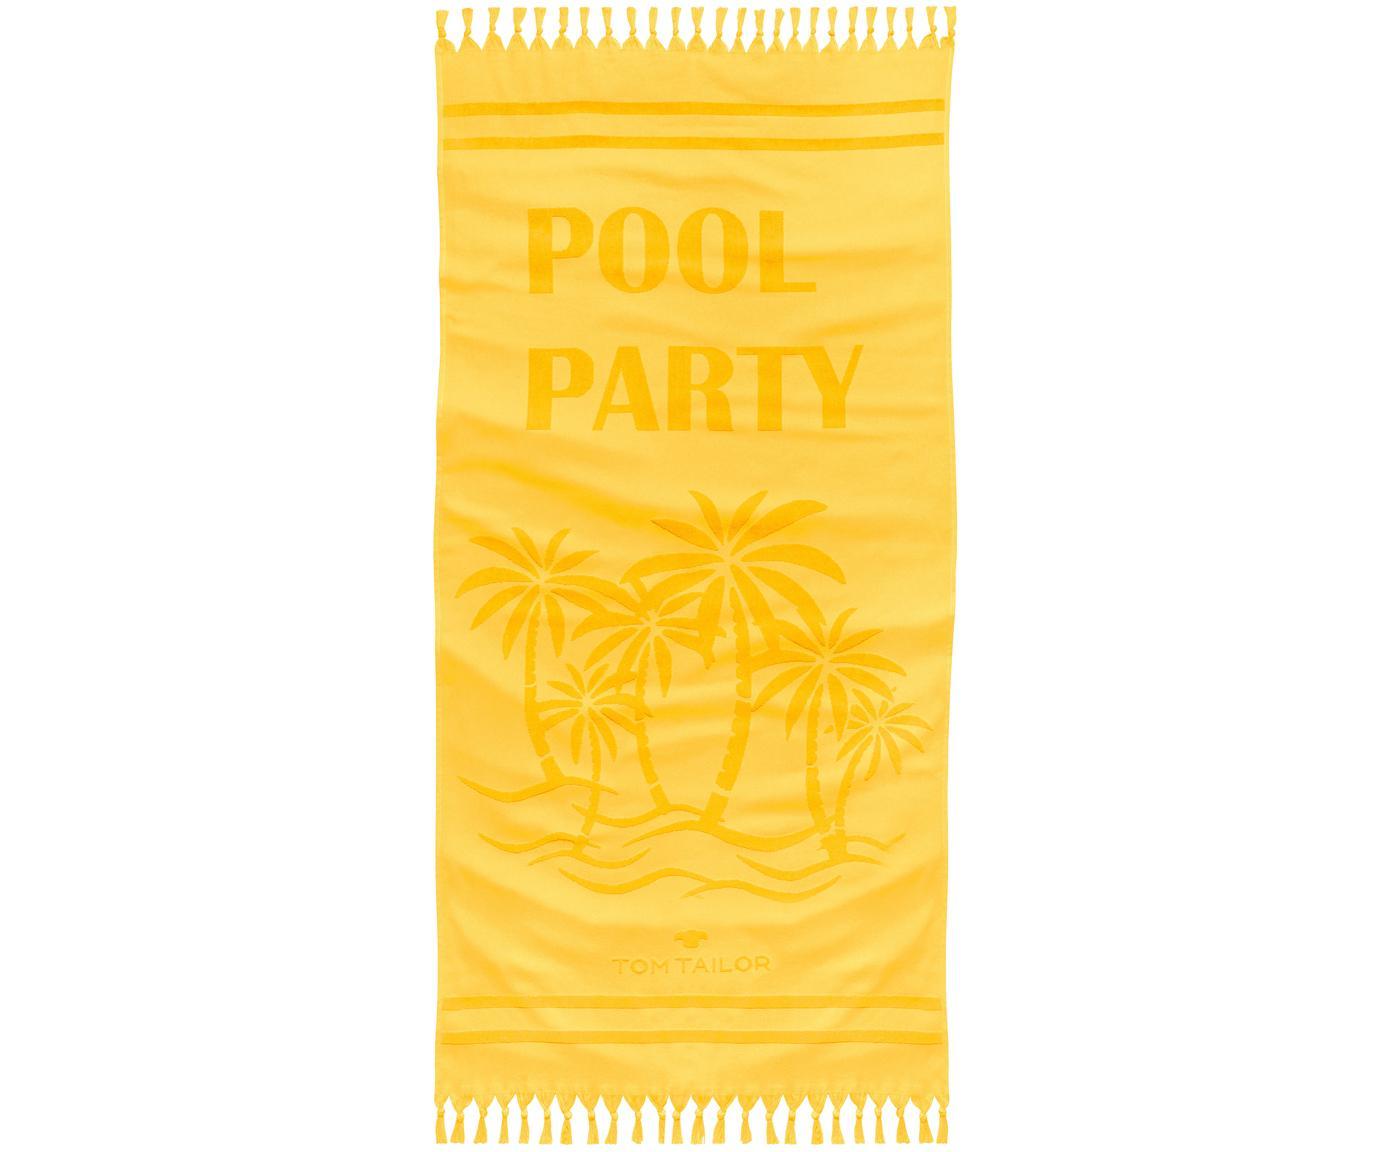 Hamamtuch Pool Party mit Schriftzug & Frottee-Rückseite, Vorderseite: 100% Baumwolle, Rückseite: Frottee, Gelb, 90 x 180 cm